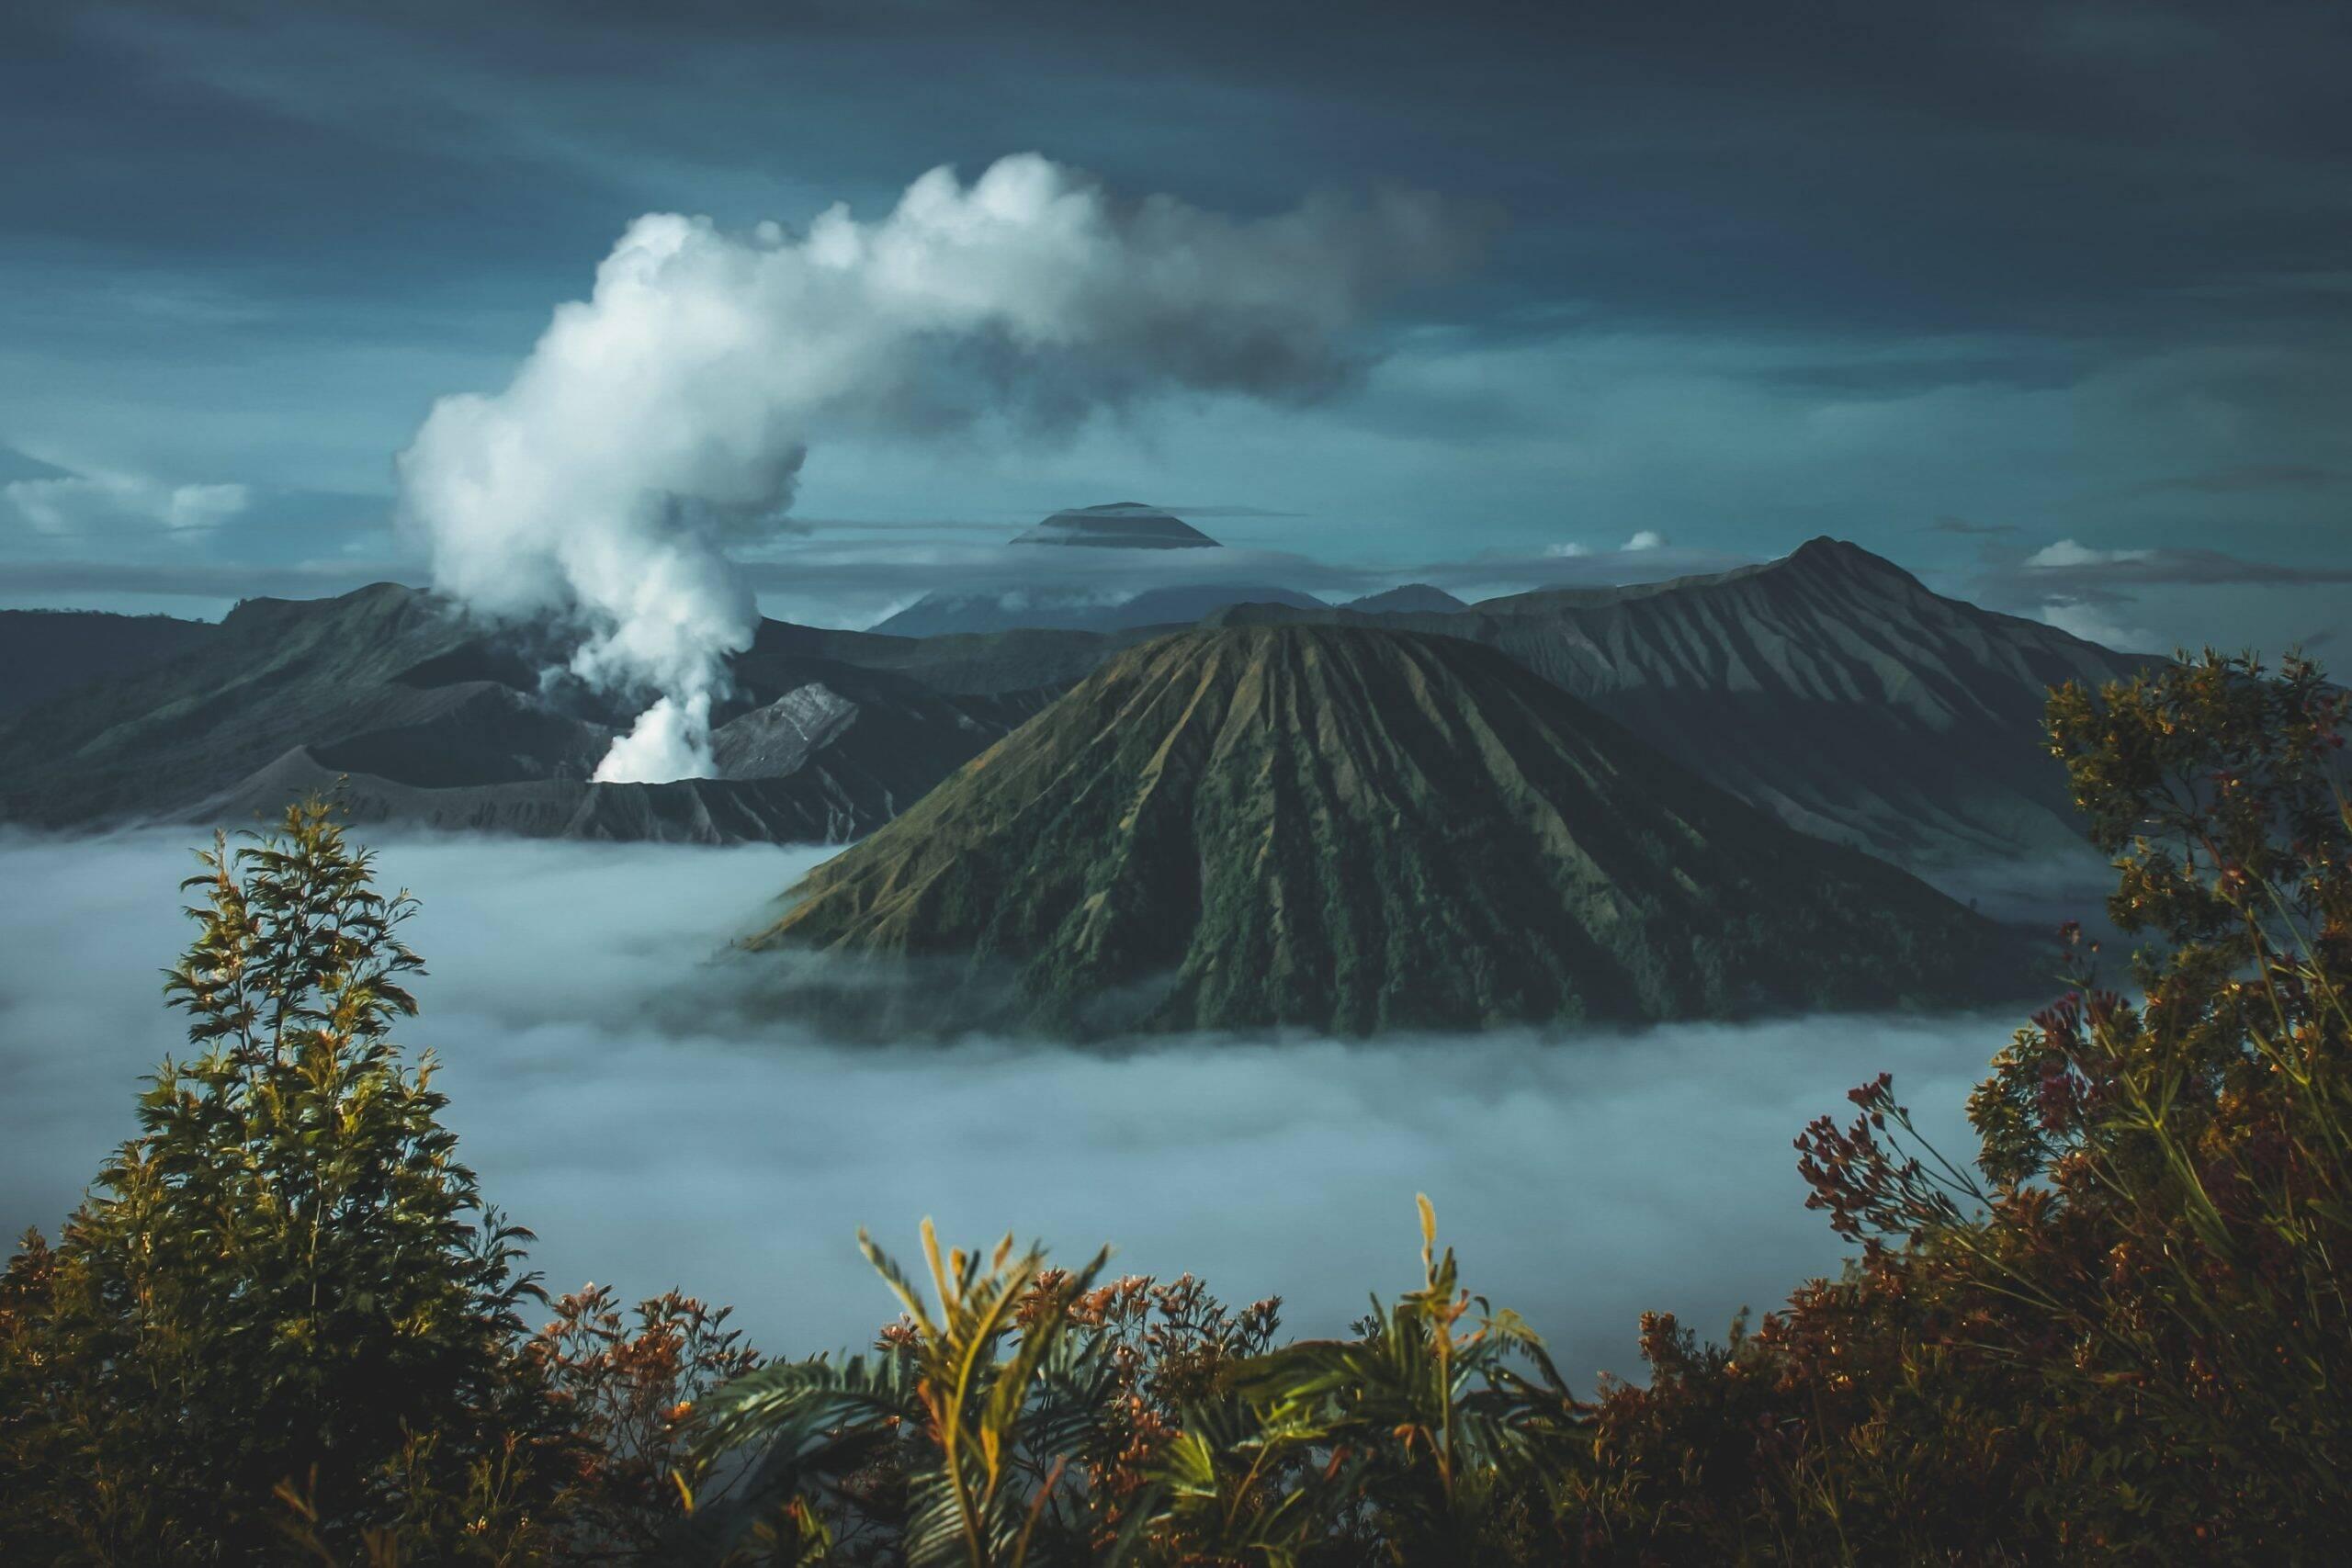 O local abriga também outros grandes vulcões, como o Teide em Tenerife e o Timanfaya em Lanzarote. (Foto: Unsplash)